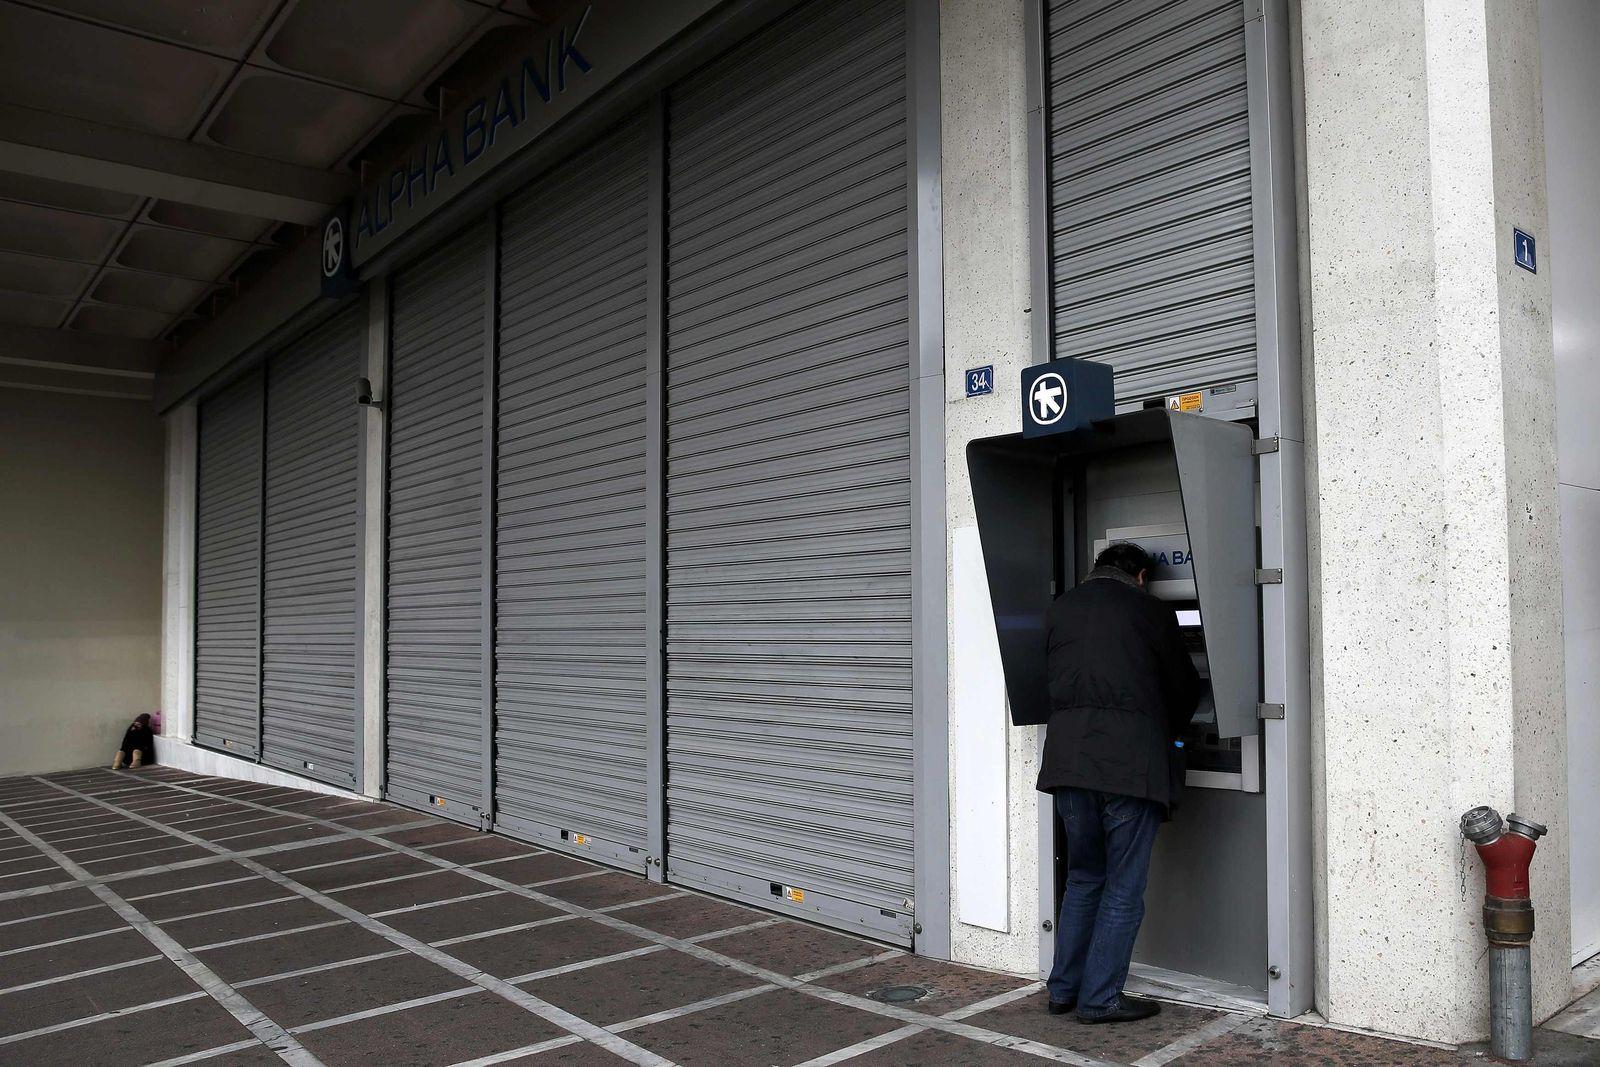 Griechenland / Bank